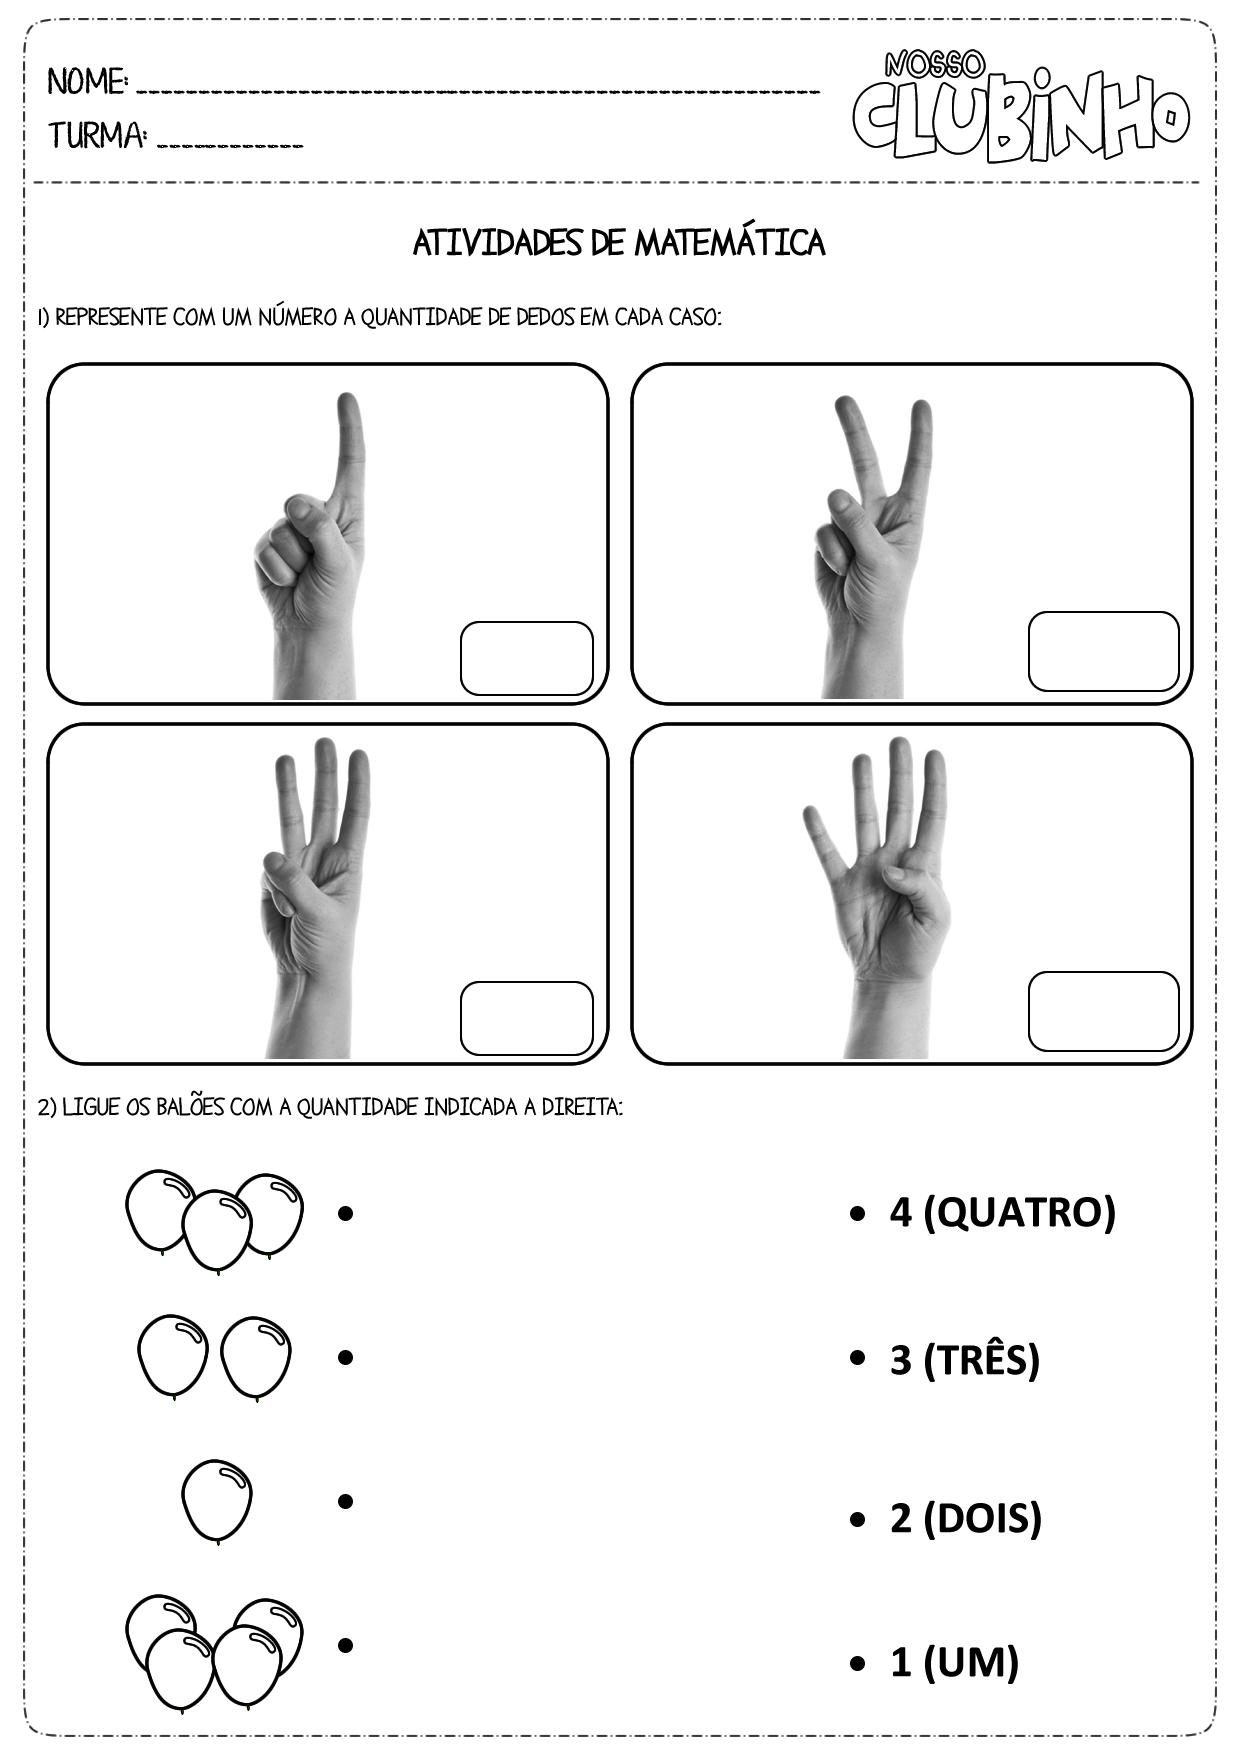 Super Atividades de matemática: Números e Quantidades - Nosso Clubinho XH11